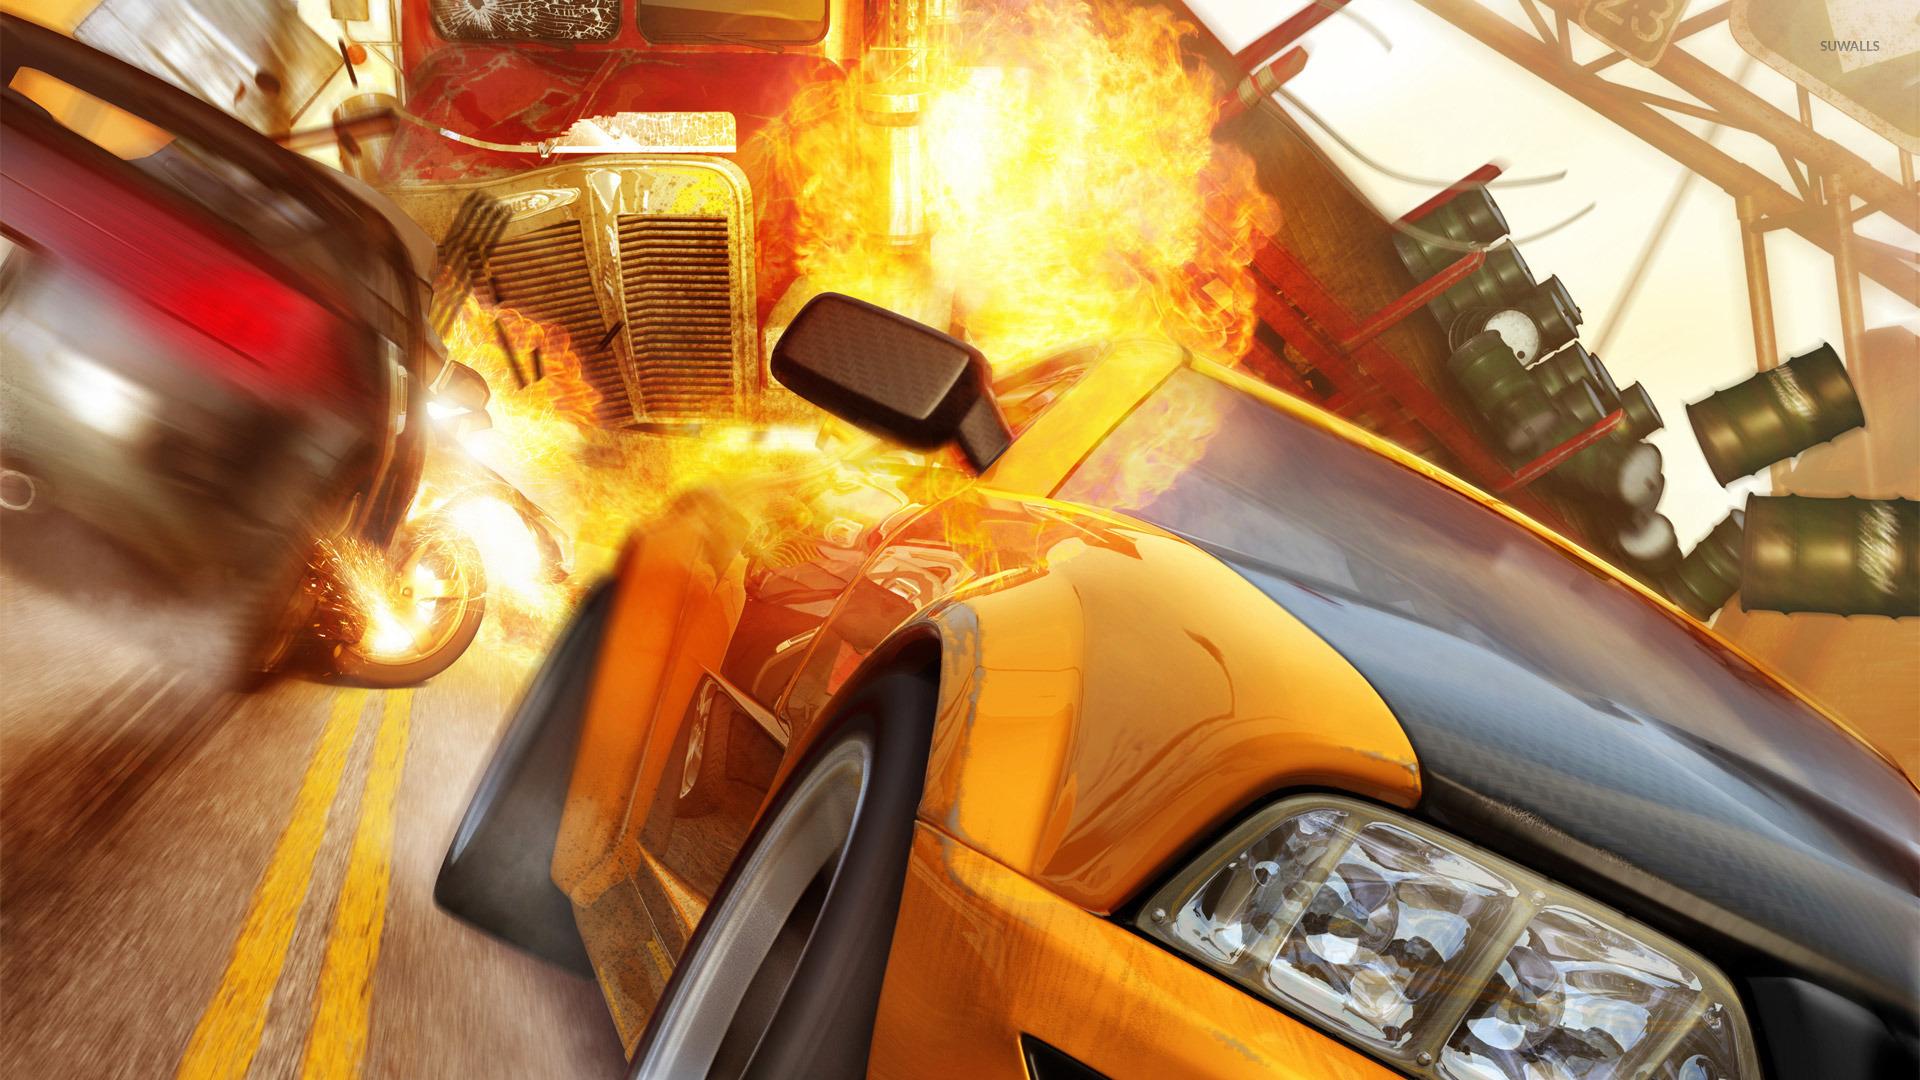 Lamborghini Car Hd Wallpaper Free Download Burnout Revenge Wallpaper Game Wallpapers 31367